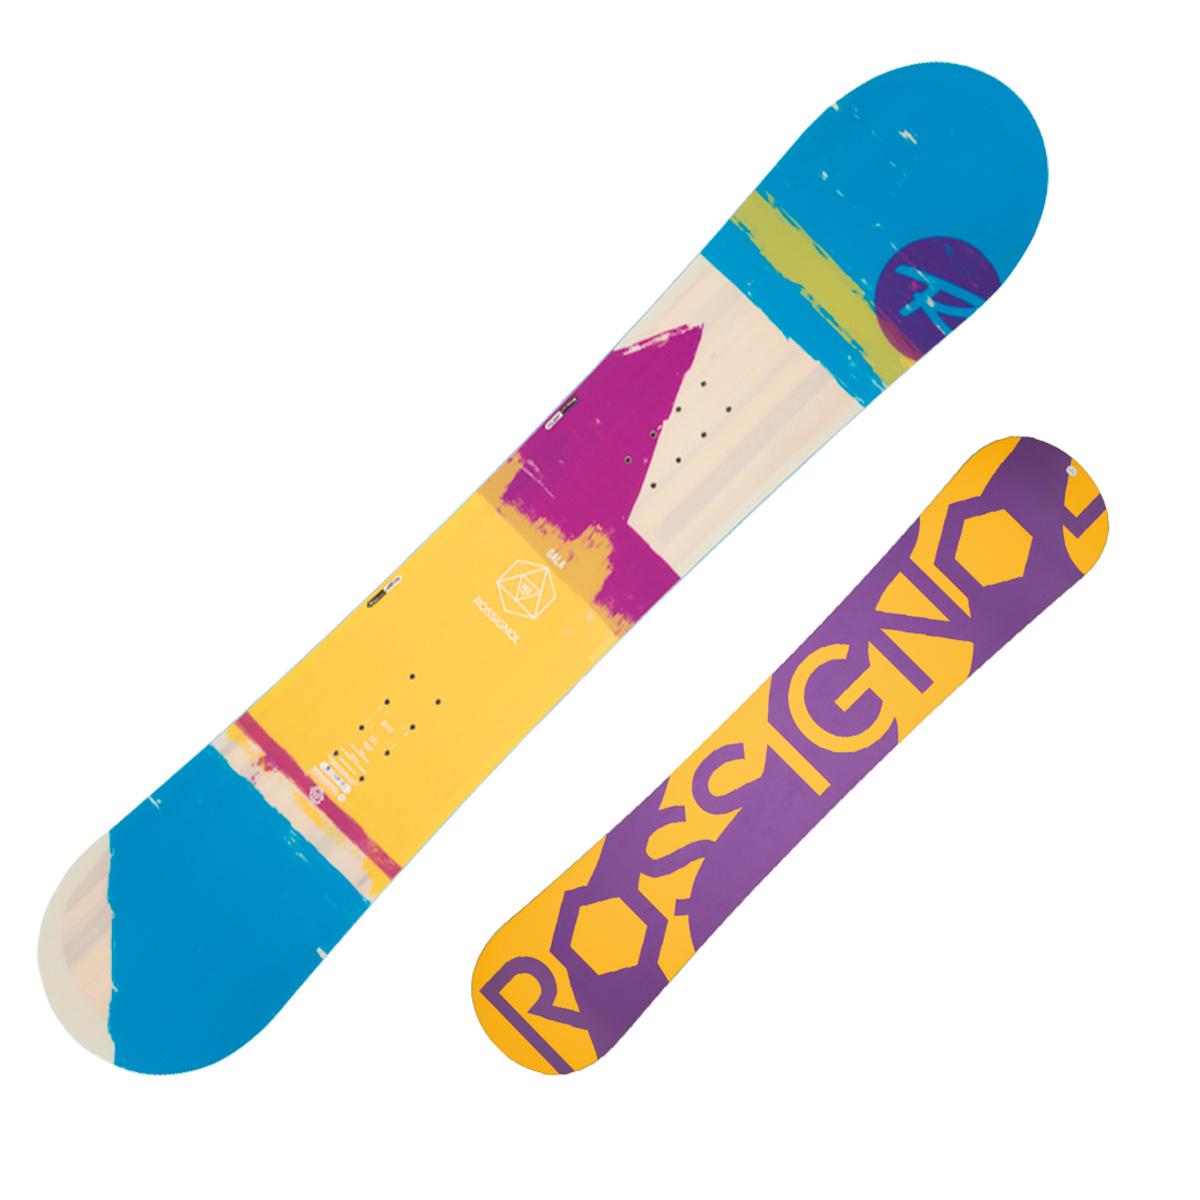 Snowboard Rossignol Gala Ltd (Colore: giallo-azzurro fantasia, Taglia: 146)